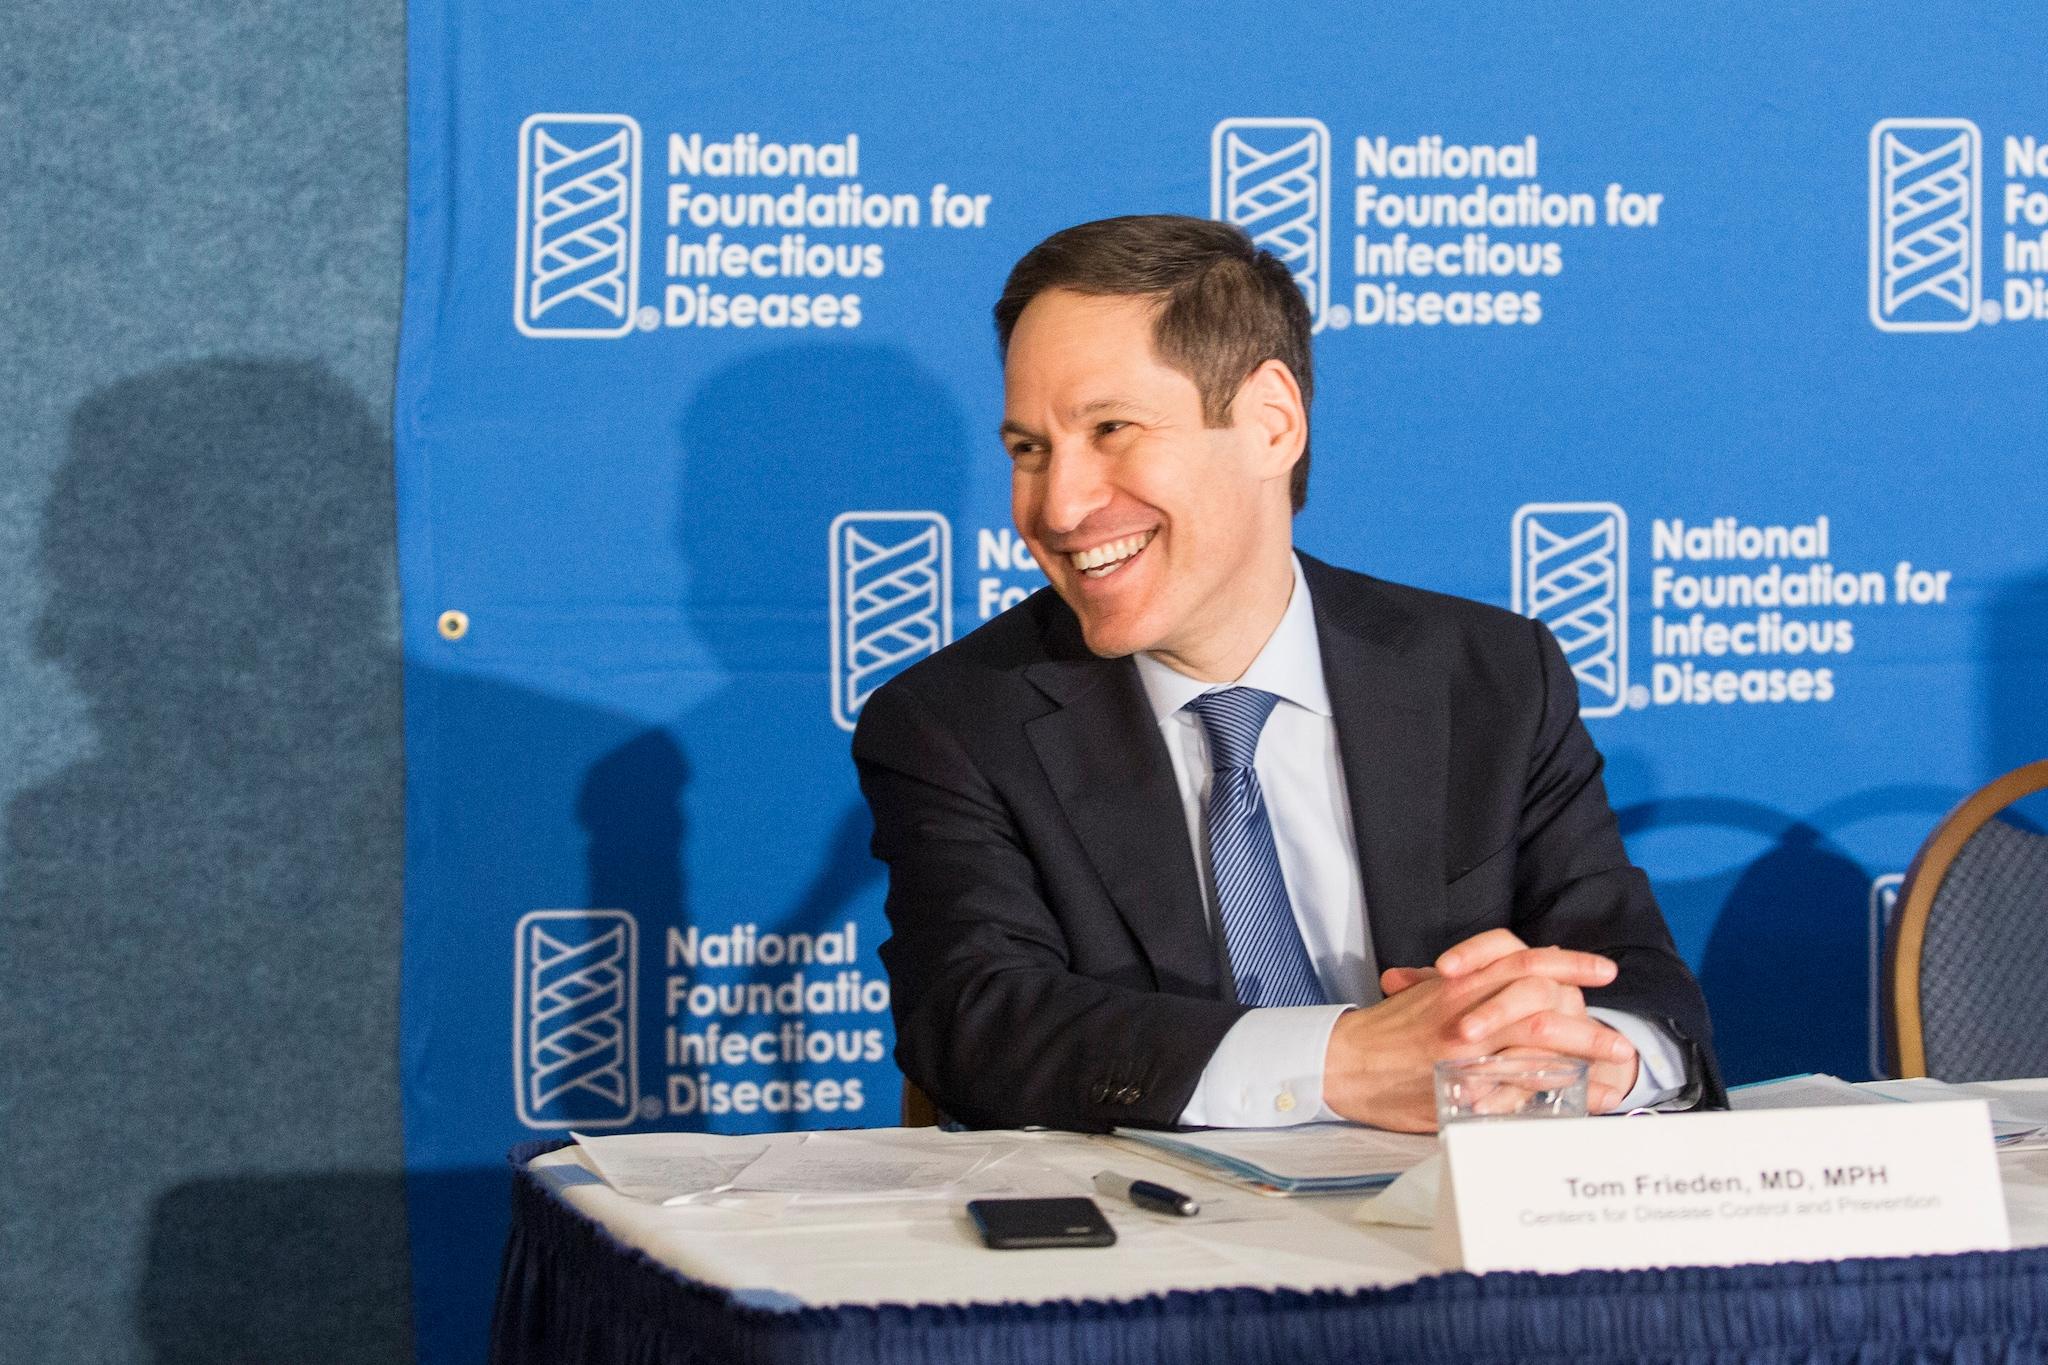 El director de los CDC, el Dr. Tom Frieden, predica con el ejemplo al vacunarse contra la influenza en la Conferencia de prensa anual sobre la influenza/neumococo de la NFID.